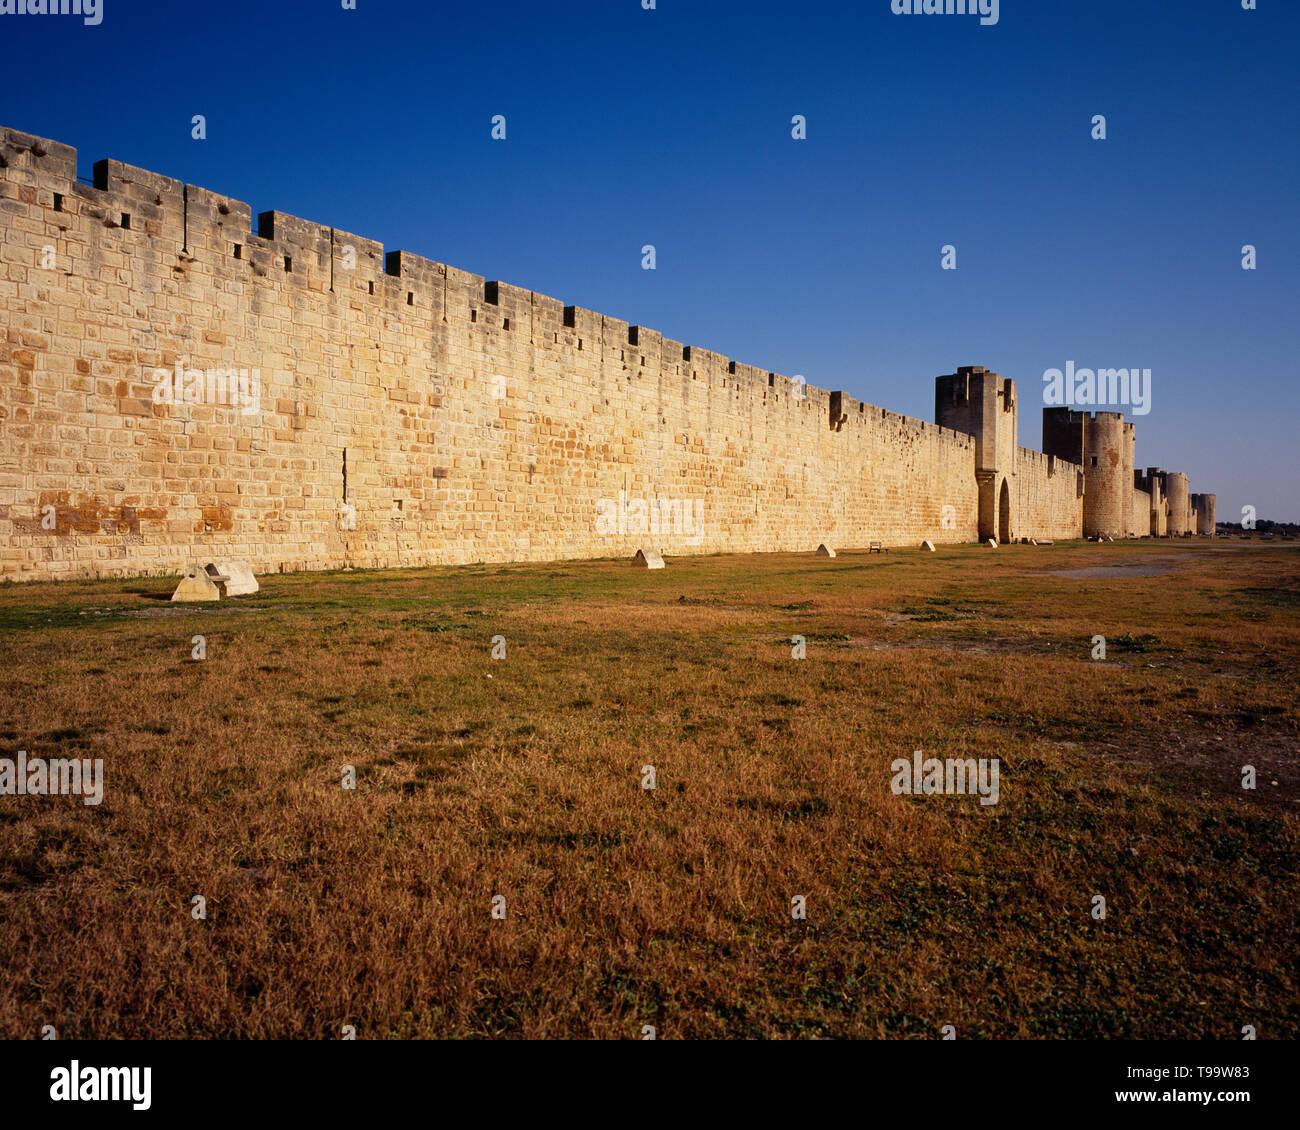 France, Languedoc, Roussillon, Gard. The town of Aigues- Mortes fortifed during 13th Century. Left to right, Portede I'organeau. Porte des Mouurins. Poterne des Galions, Porte de la Marine, Pote de I'Arsenal. Tour de la Poudriere - Stock Image